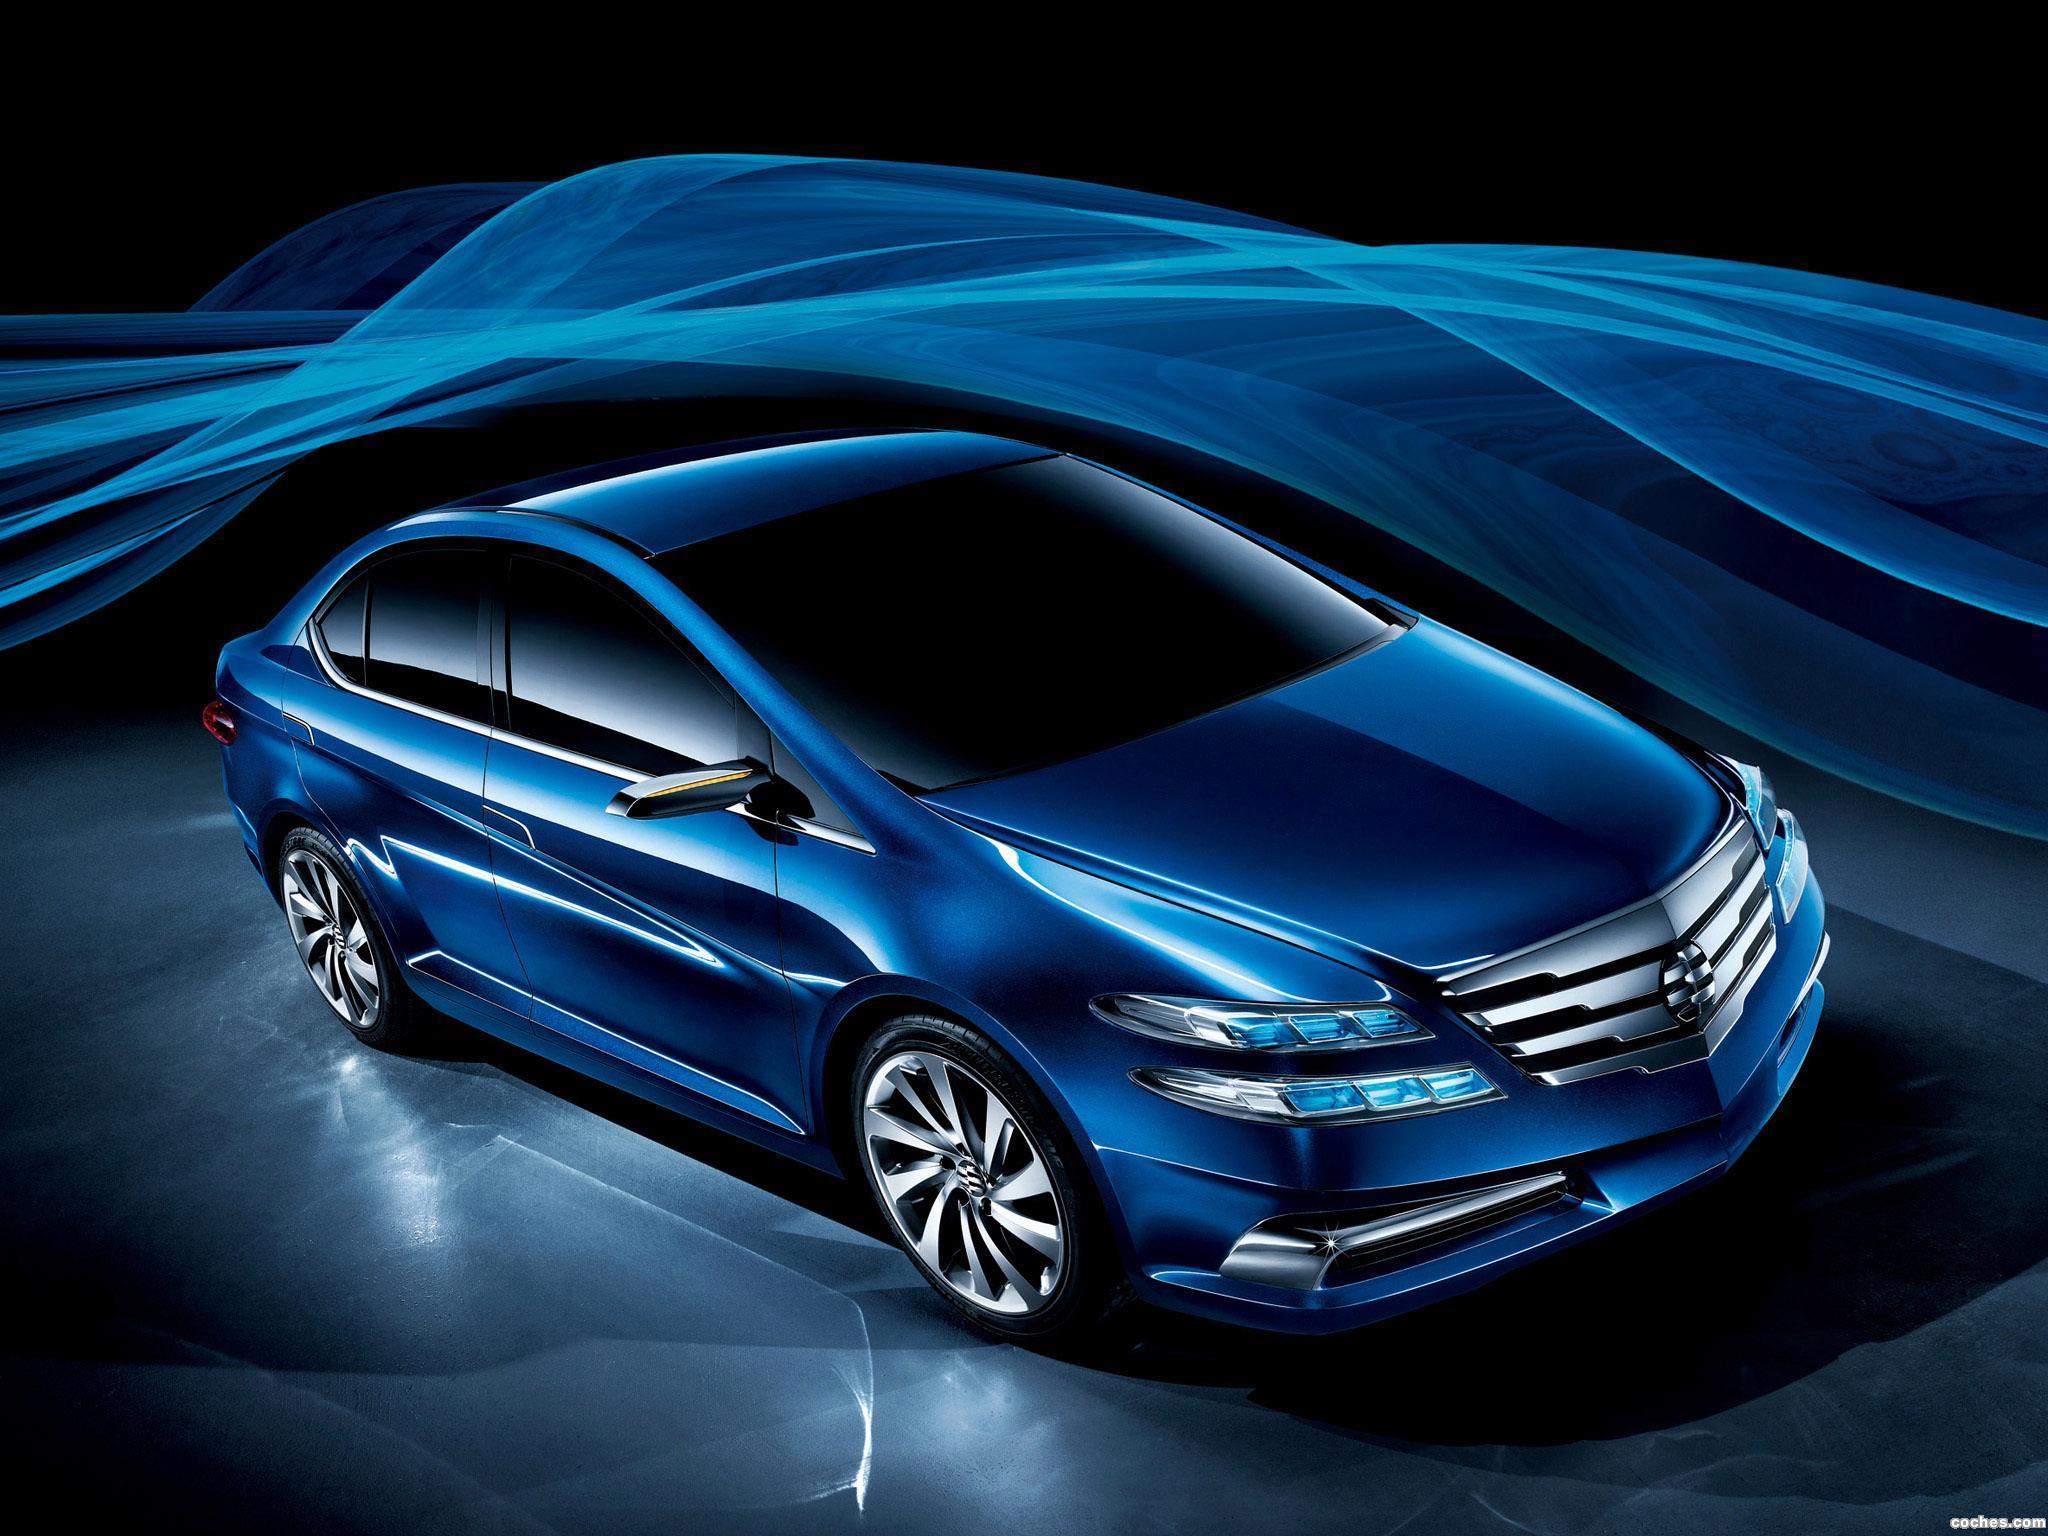 Foto 0 de Honda Linian Concept 2010